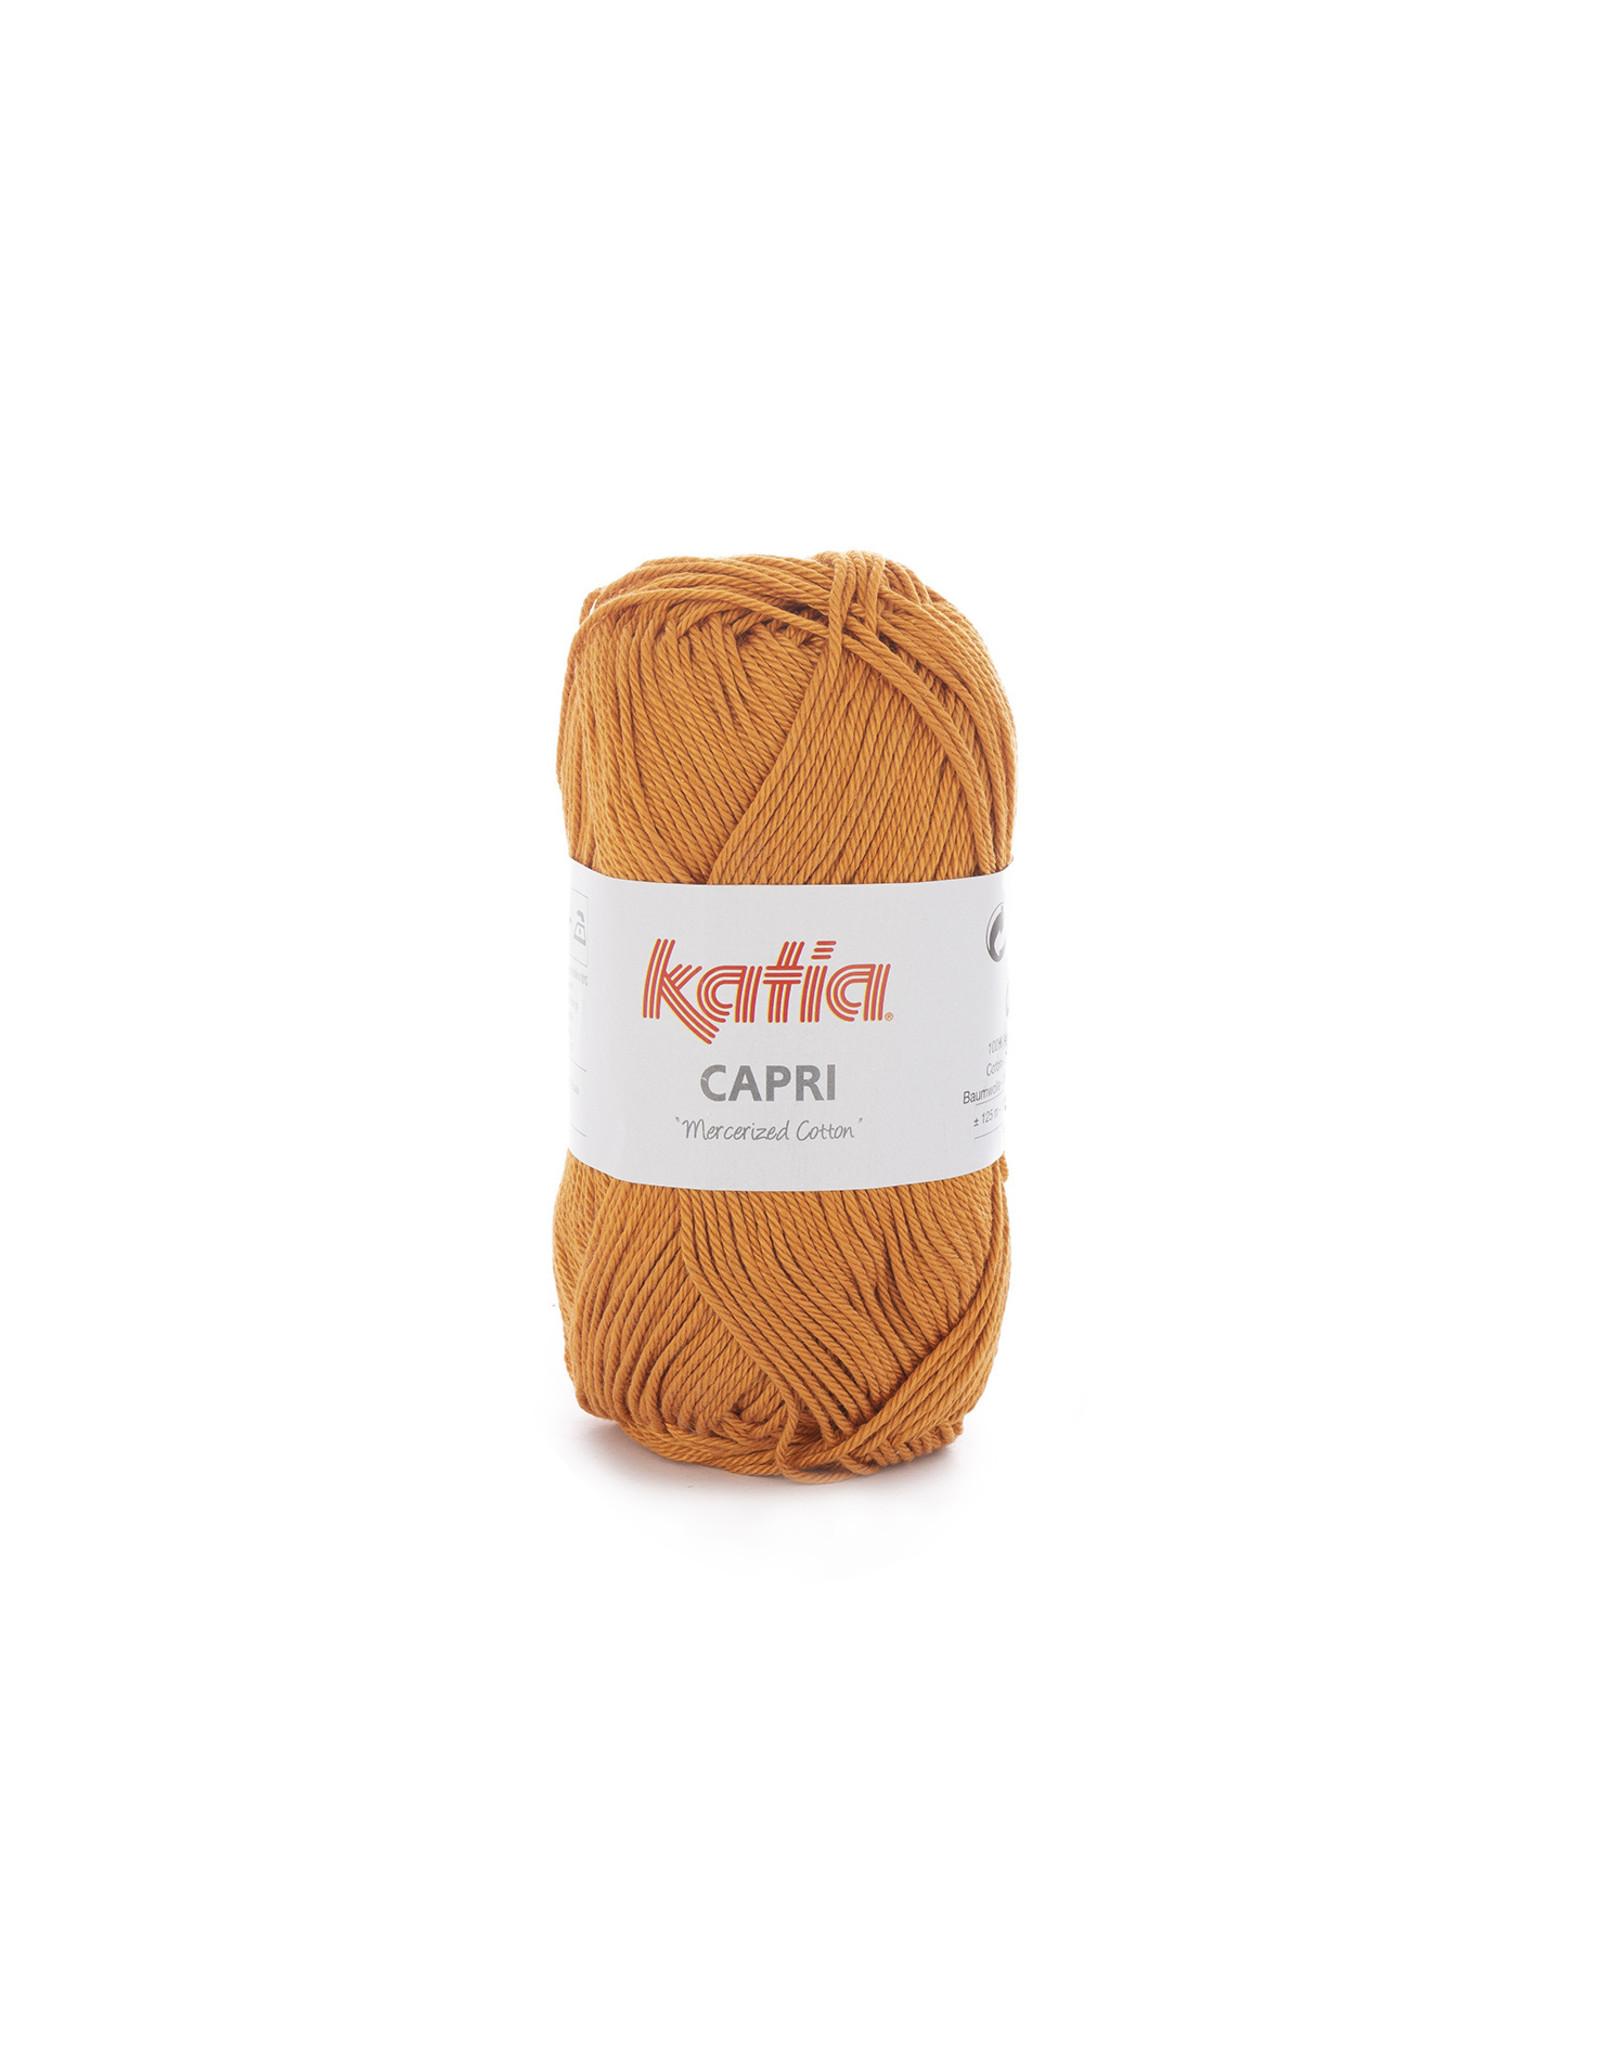 Katia Katia Capri - kleur 168 Oker - bundel 5 x 50 gr. / 125 m. - 100% katoen